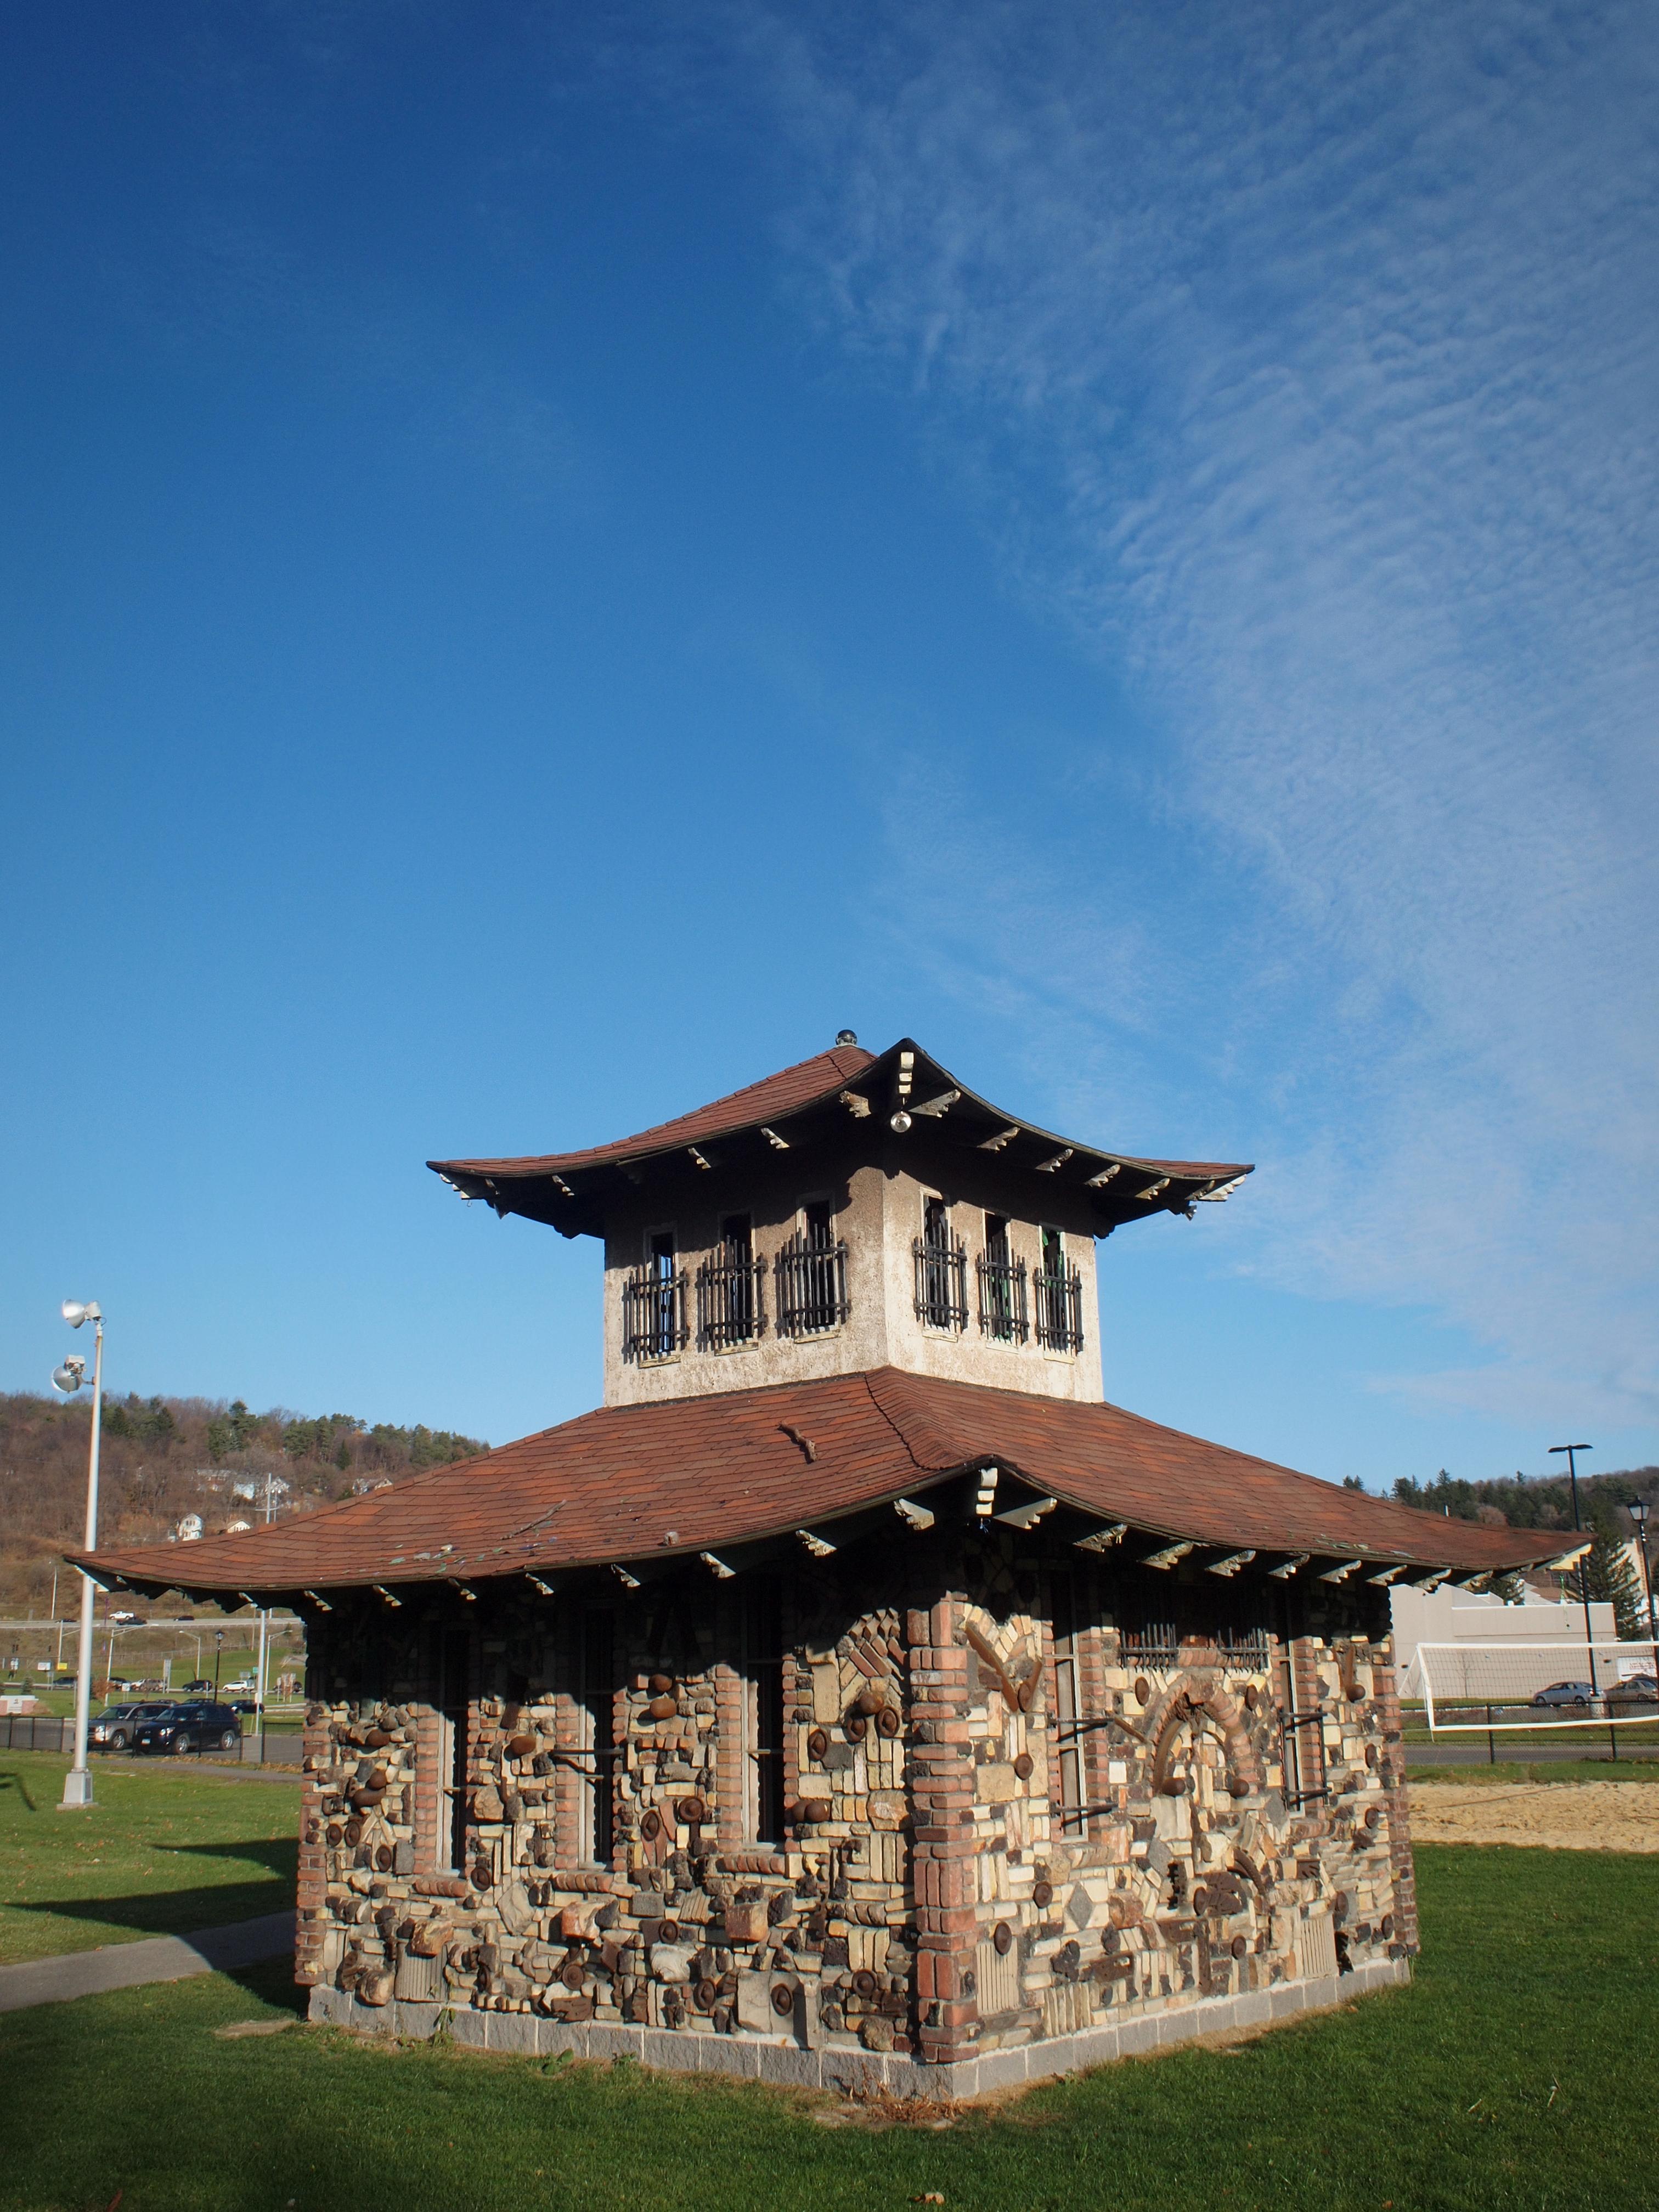 File:Pagoda, Johnson City, NY.jpg - Wikimedia Commonsjohnson city city